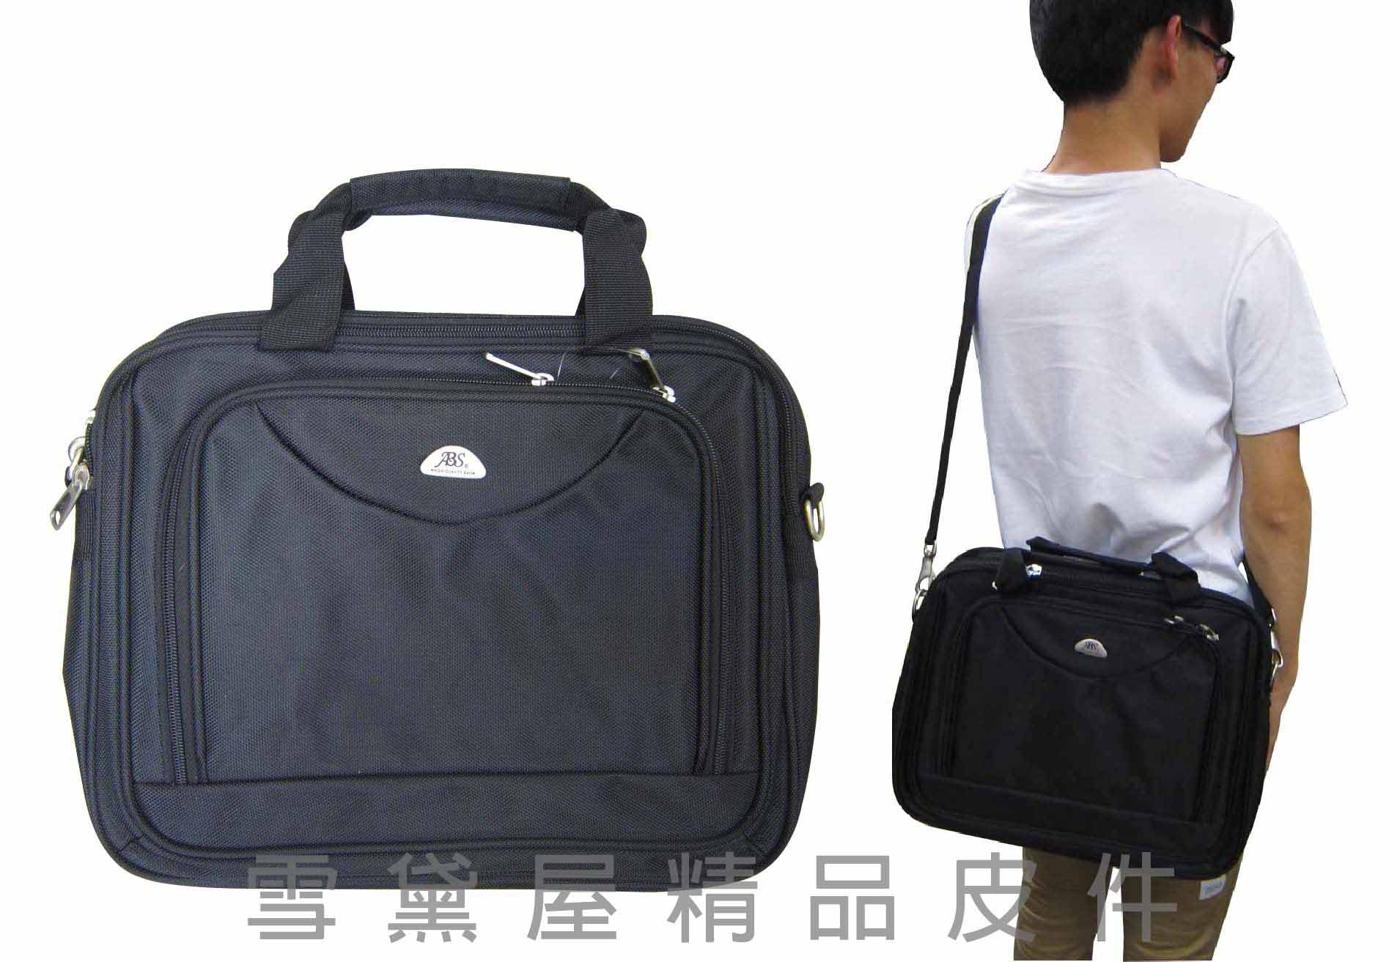 ~雪黛屋~ABS公事包中容量二層主袋360度加大容量設計可手提肩背斜側背防水尼龍可A4資夾02-029